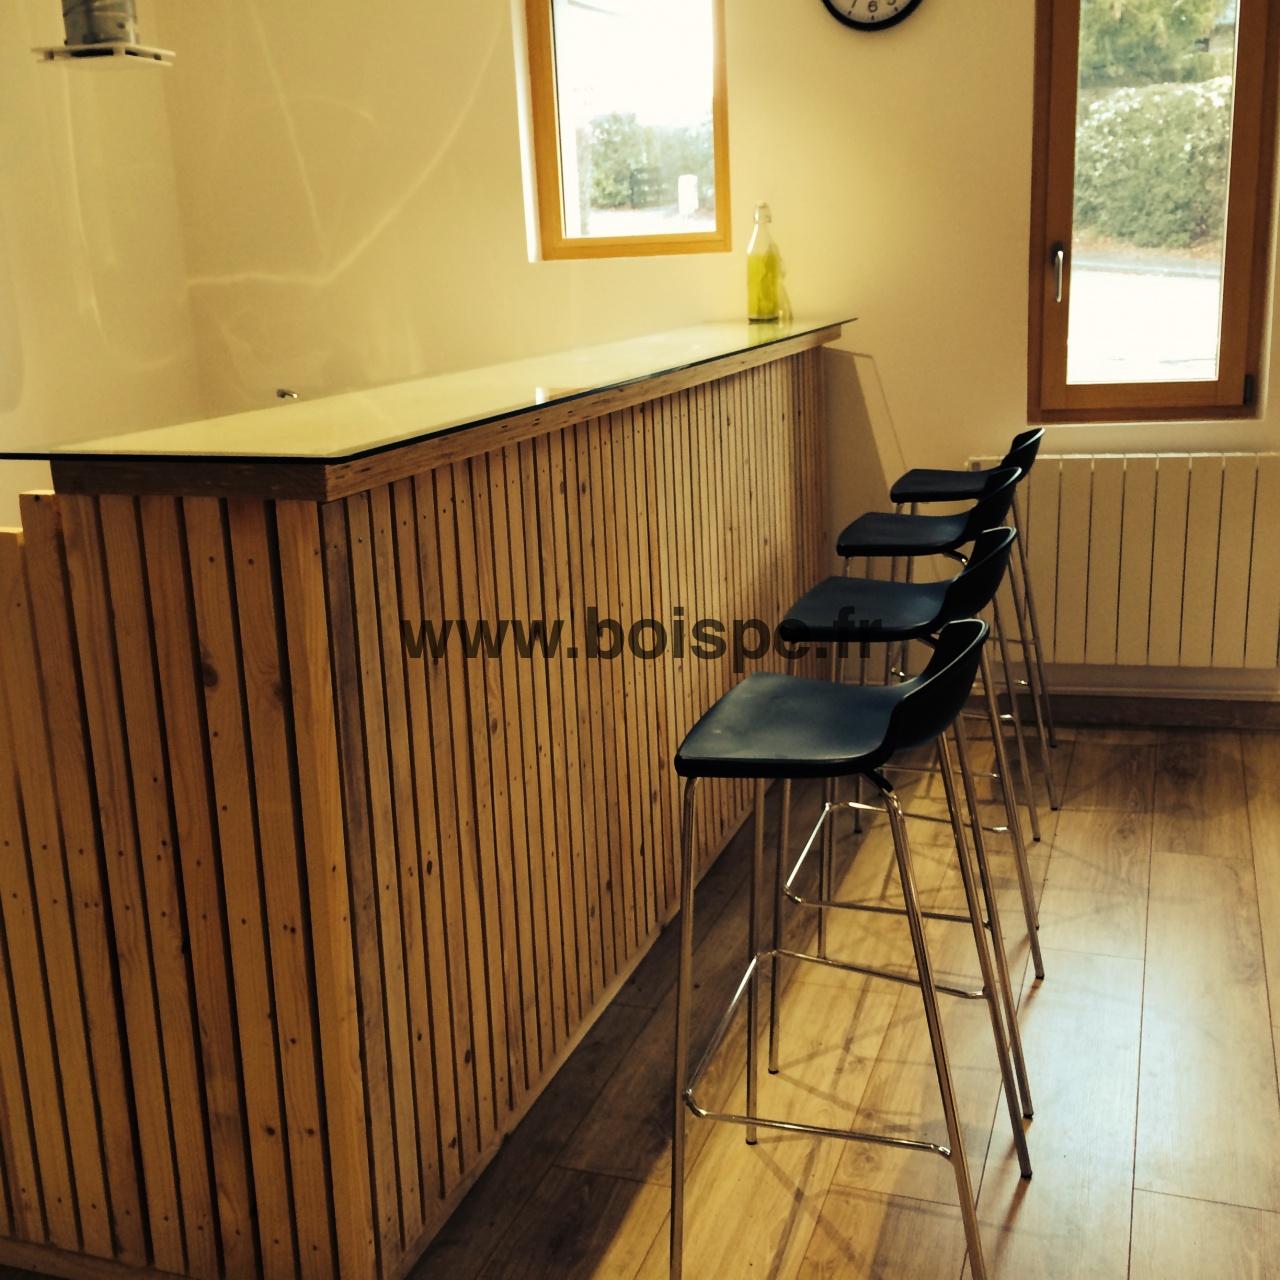 Fabriquer Un Bar En Bois bar-bois-pe4 | fabriquer un bar très design à partir d